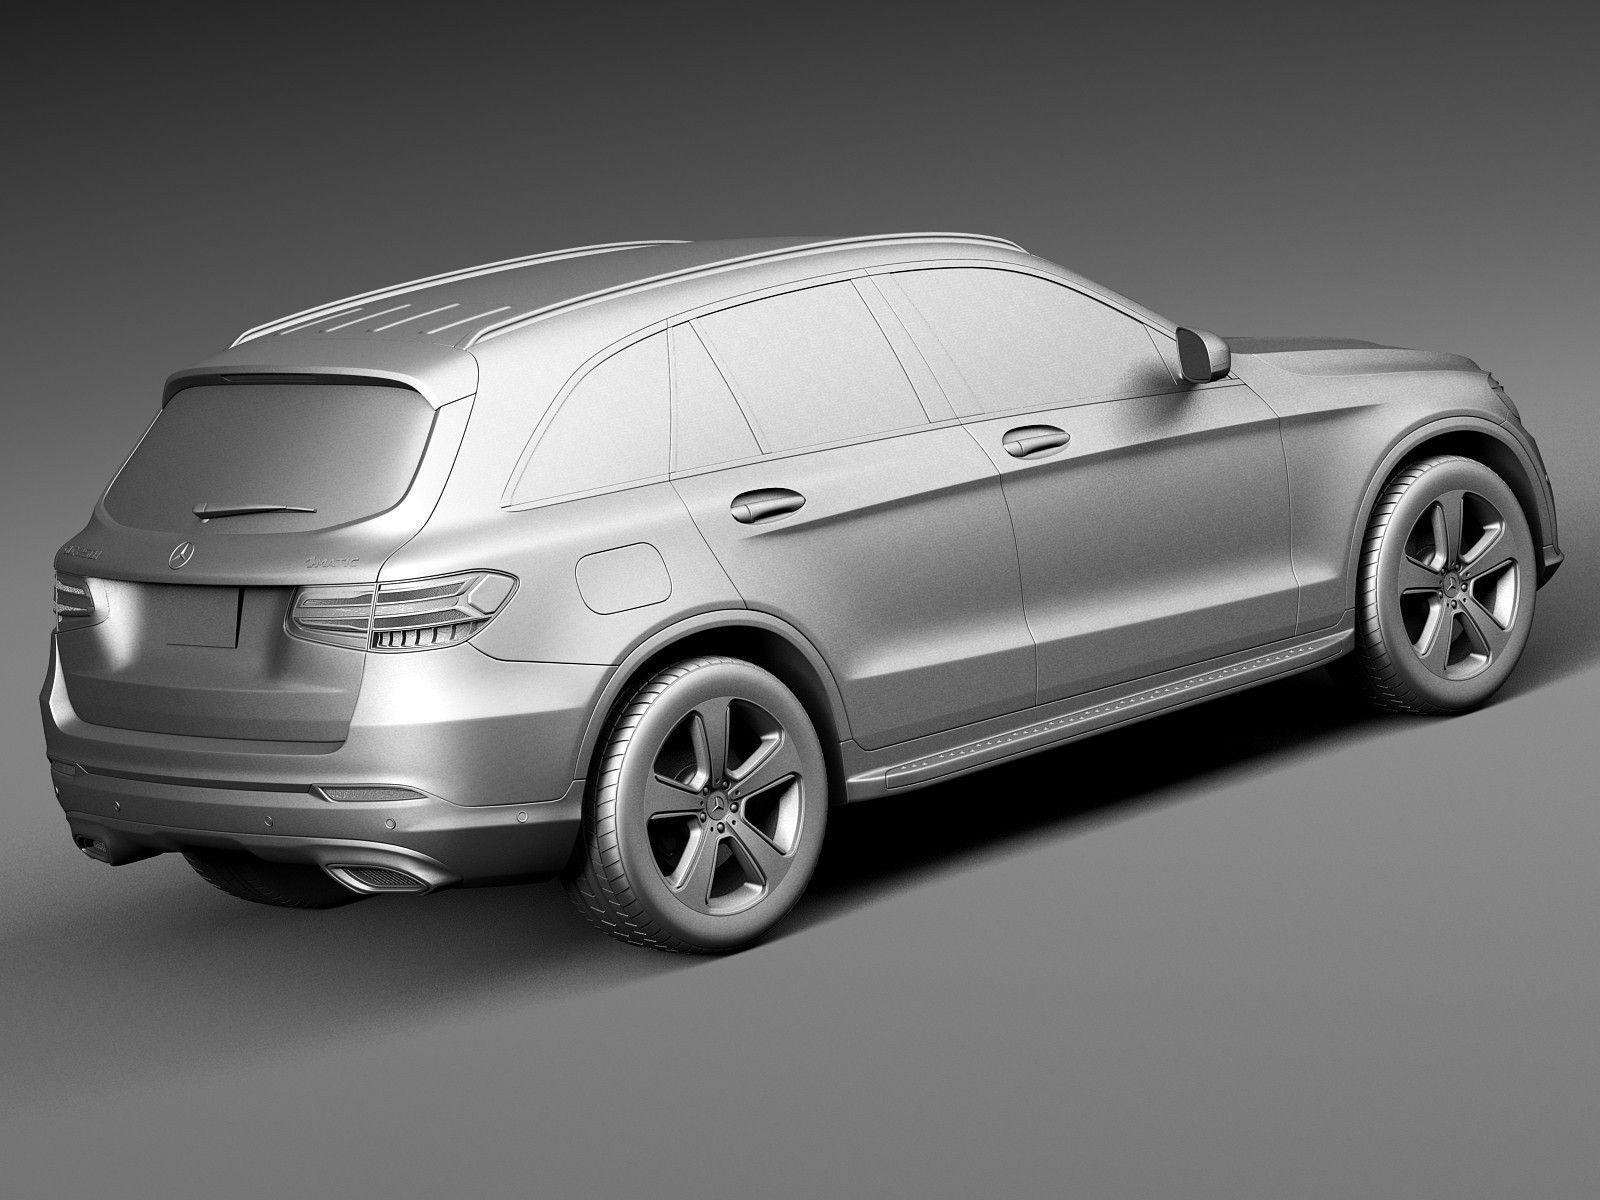 Mercedes benz glc 2016 3d model max obj 3ds fbx c4d for Mercedes benz new model